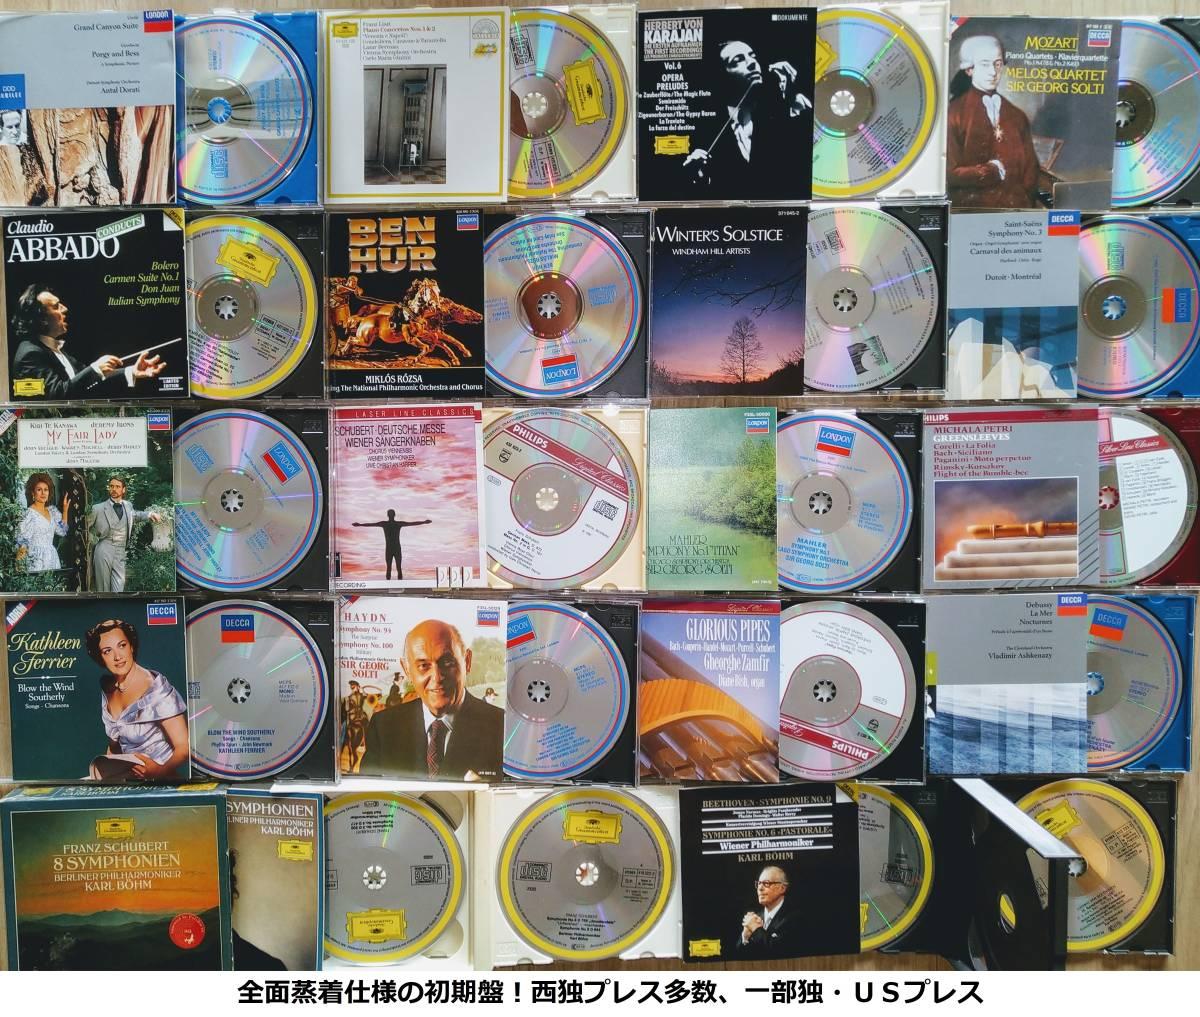 ★★大量!★★ クラシックCD 600枚セット! ★西独盤、初期盤、希少盤 旧規格盤等 色々まとめて~ _画像2